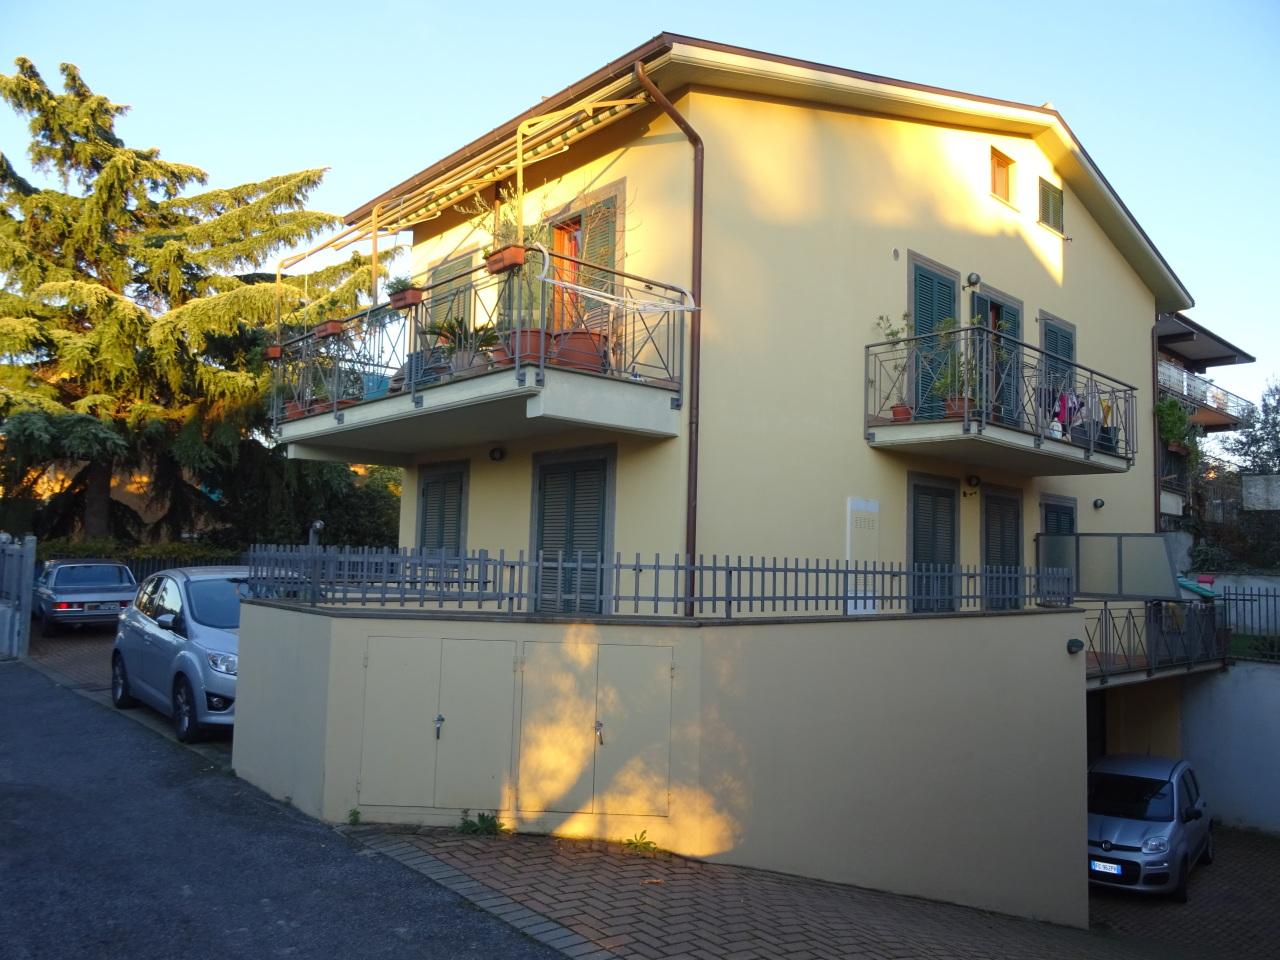 Appartamento in vendita a Monte Compatri, 4 locali, prezzo € 175.000 | Cambio Casa.it